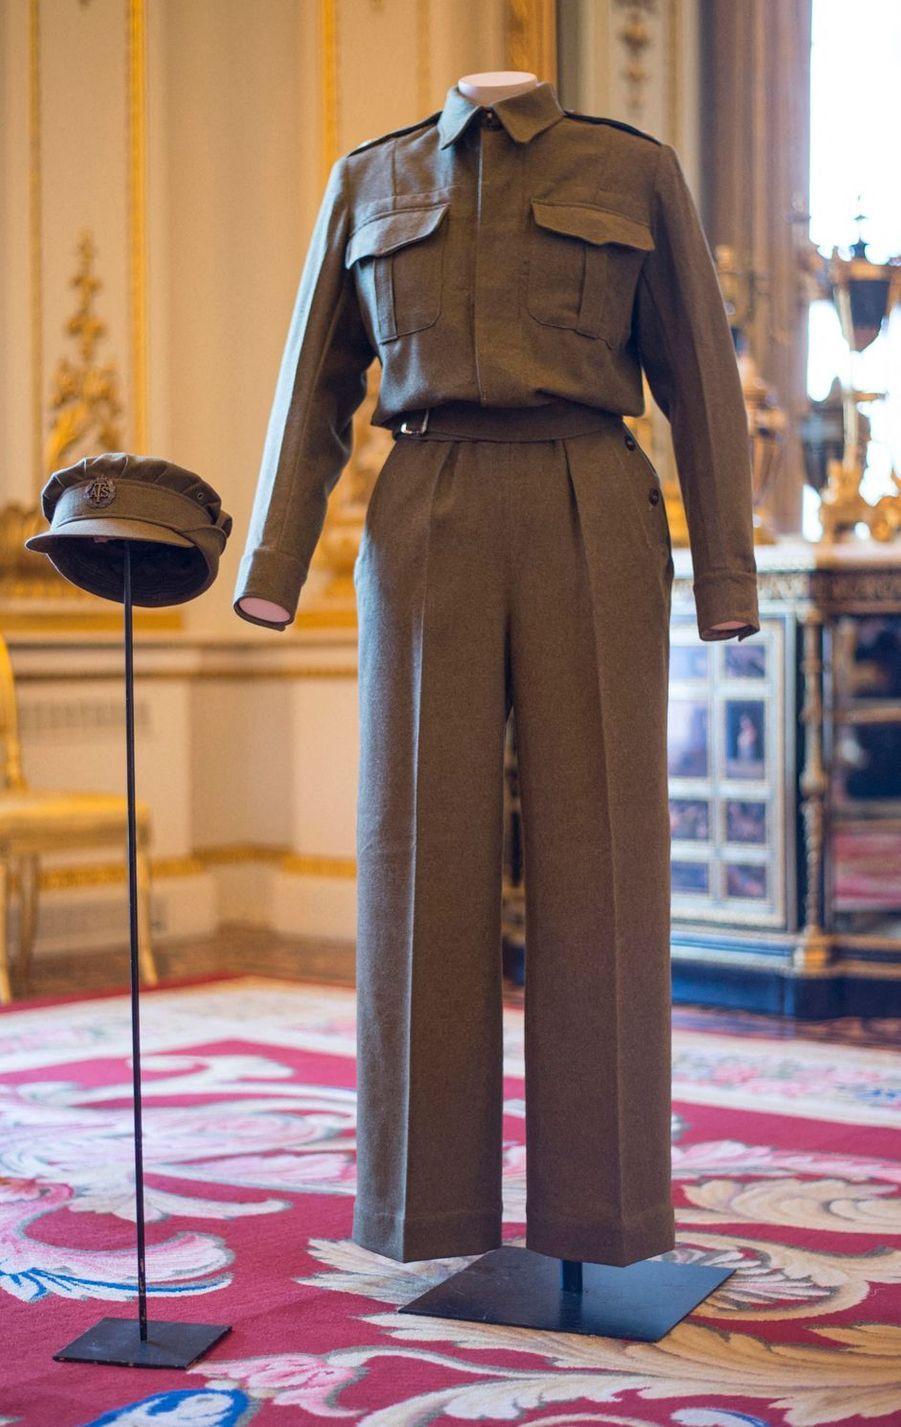 L'uniforme de 1945 de la princesse Elizabeth, photographié le 4 juillet 2016